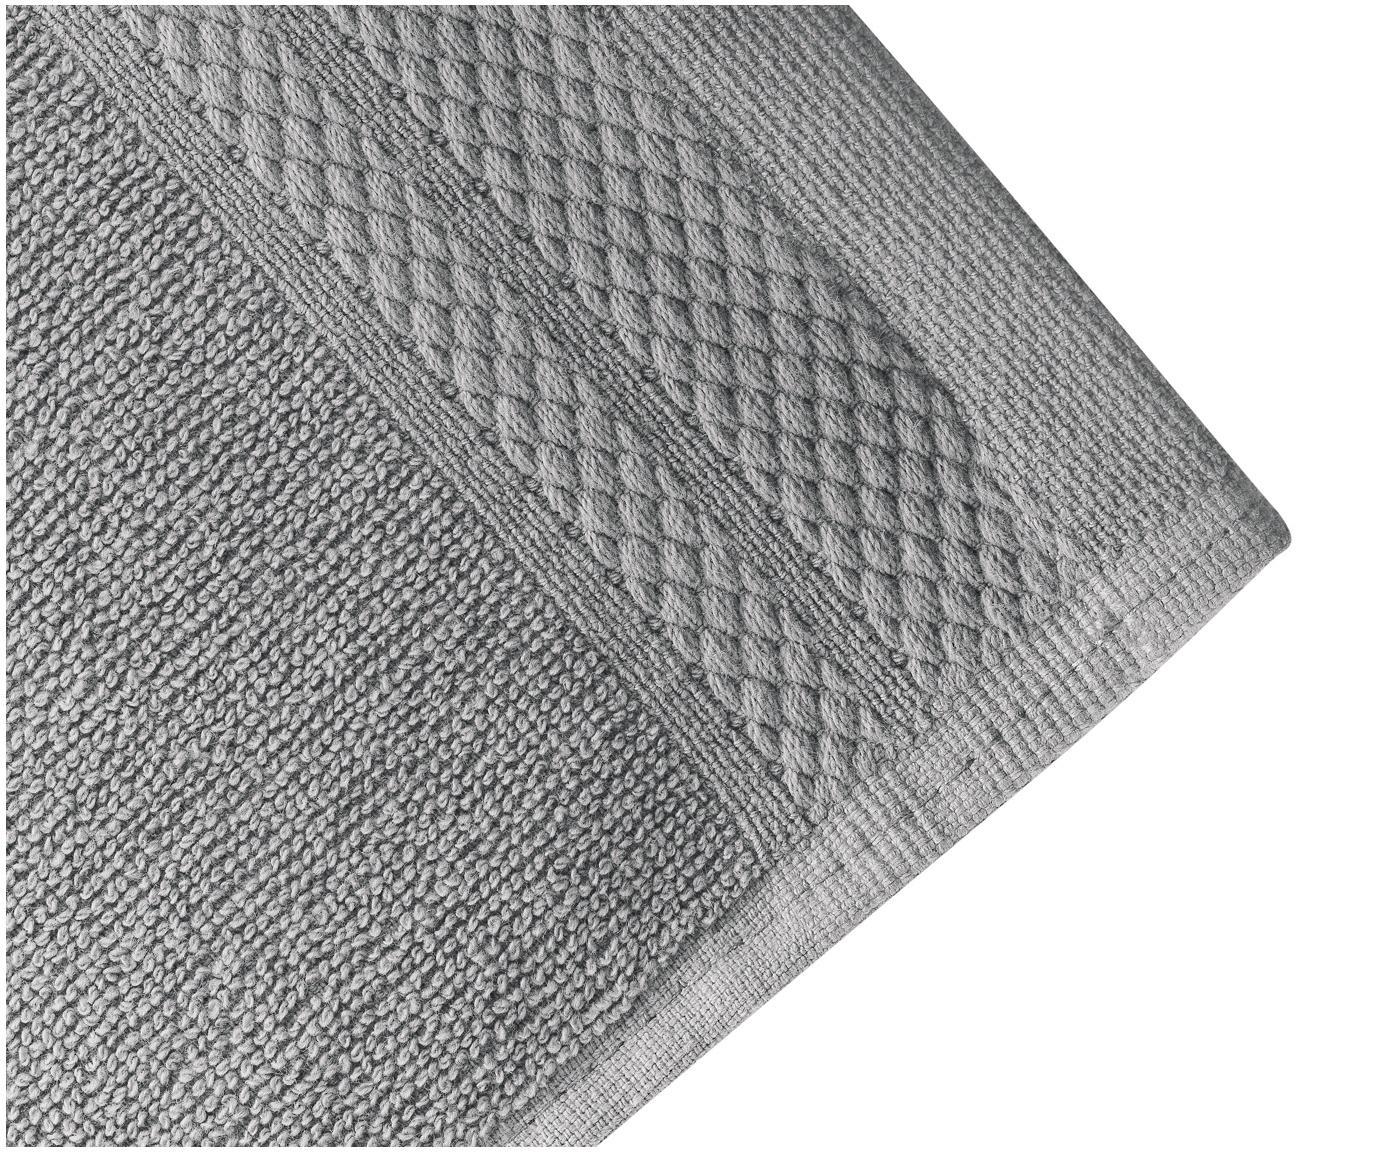 Handdoekenset Premium, 3-delig, 100% katoen, zware kwaliteit, 600 g/m², Donkergrijs, Verschillende formaten